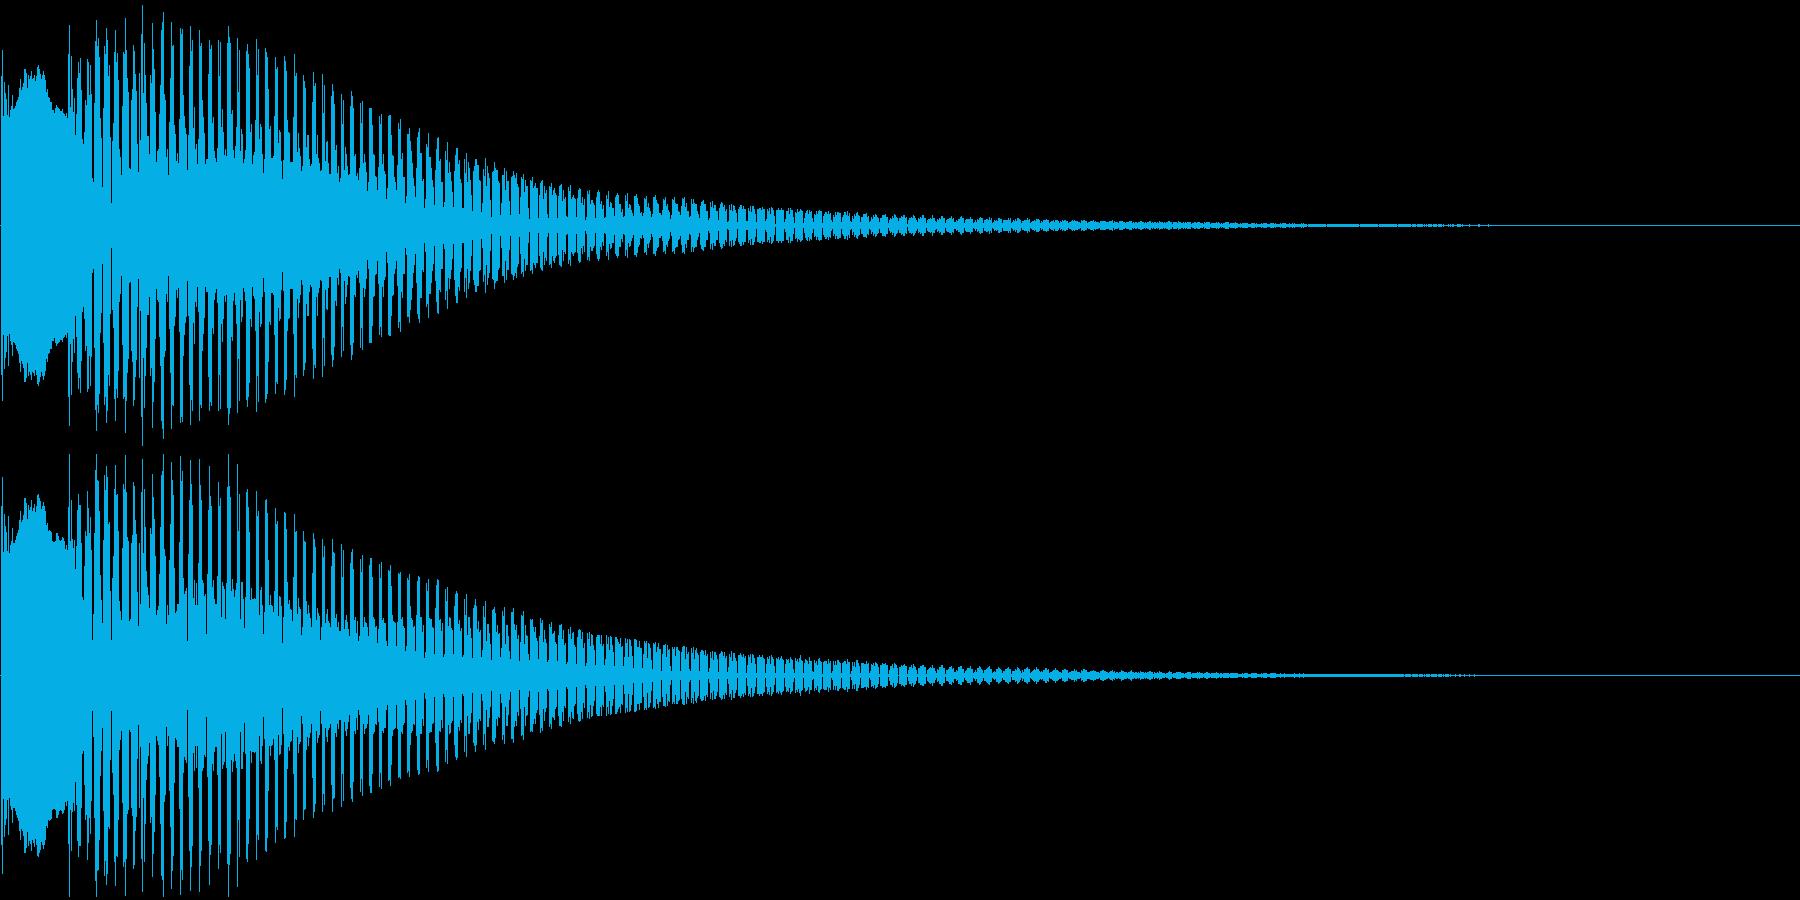 キャンセル音、失敗音の再生済みの波形